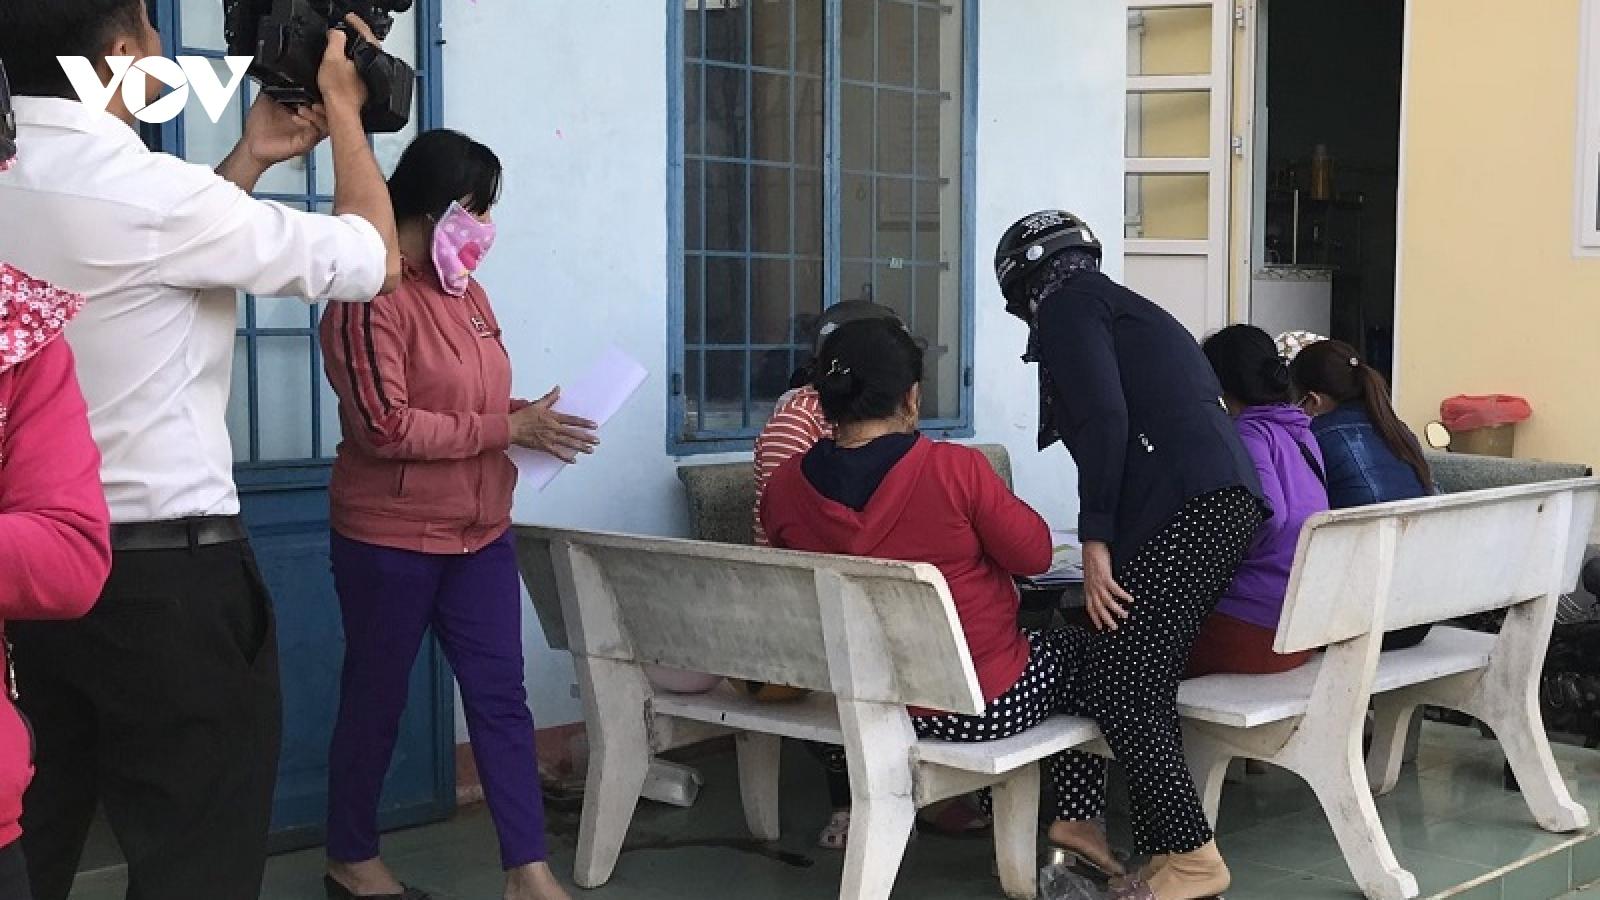 Vụ vỡ hụi gần 200 tỷ đồng ở Bình Thuận: Lời khai ban đầu của chủ hụi